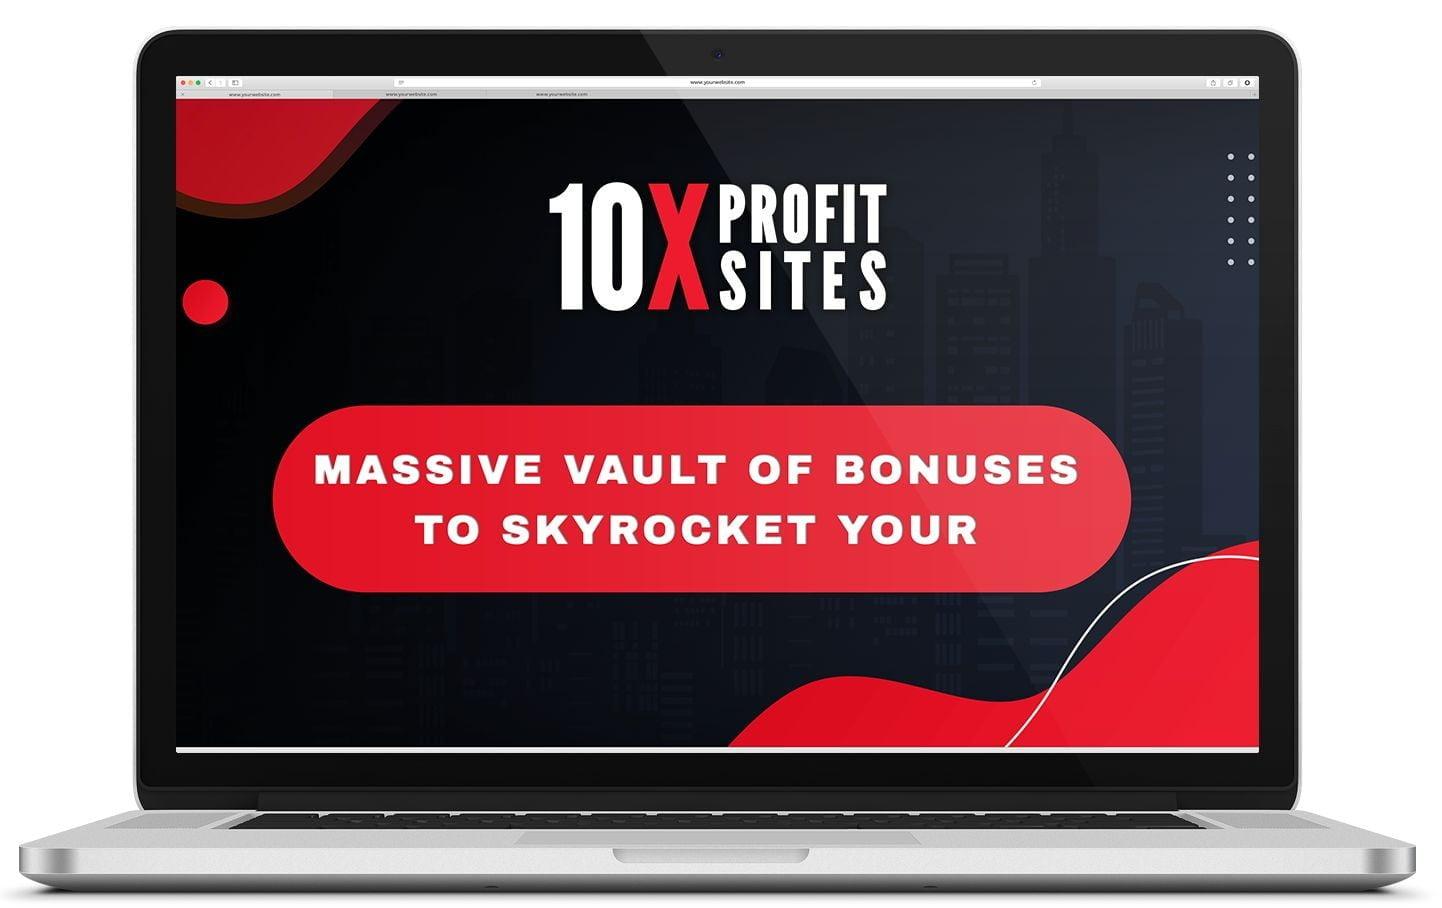 10X-Profit-Sites-feature-4